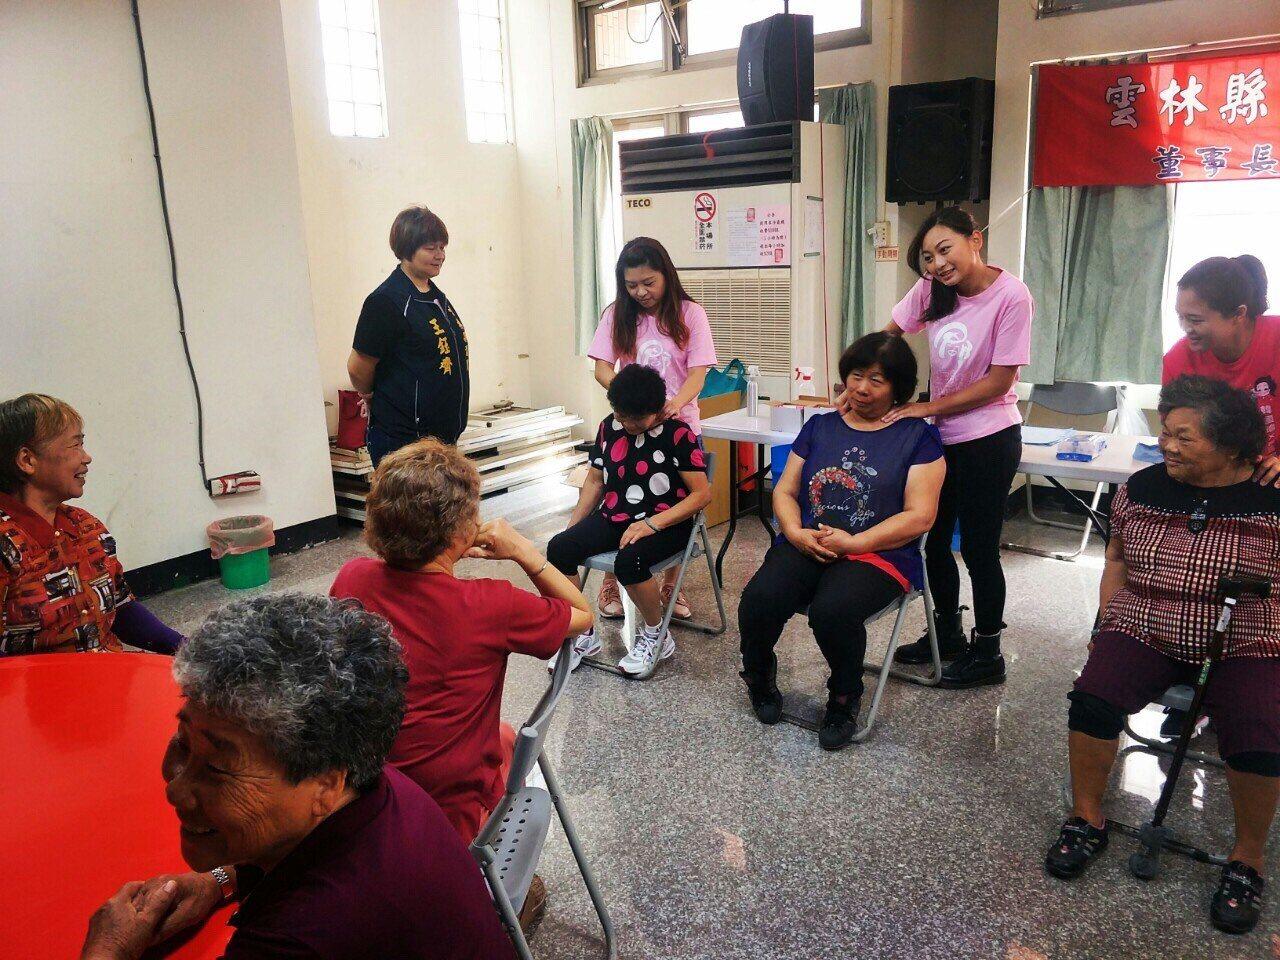 雲林馬光長青食堂揭幕,青埔教育基金會董事長張嘉郡提供芳療服務。圖/張嘉郡提供